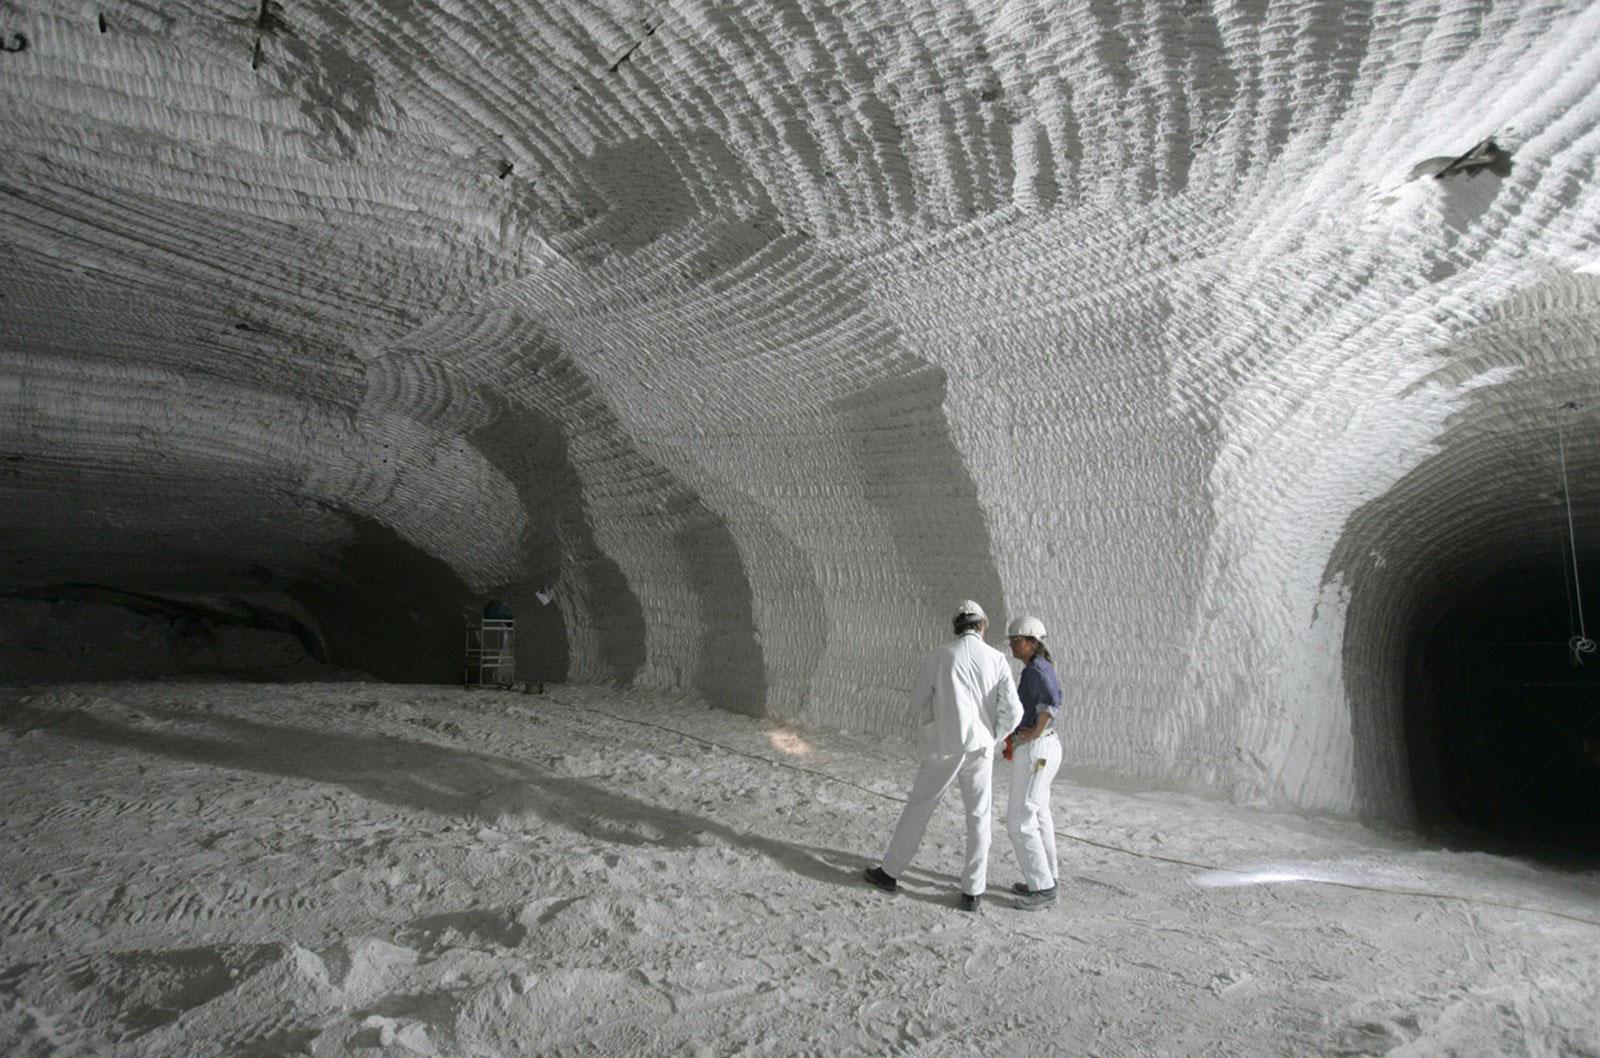 бывшая соляная шахта Ассе